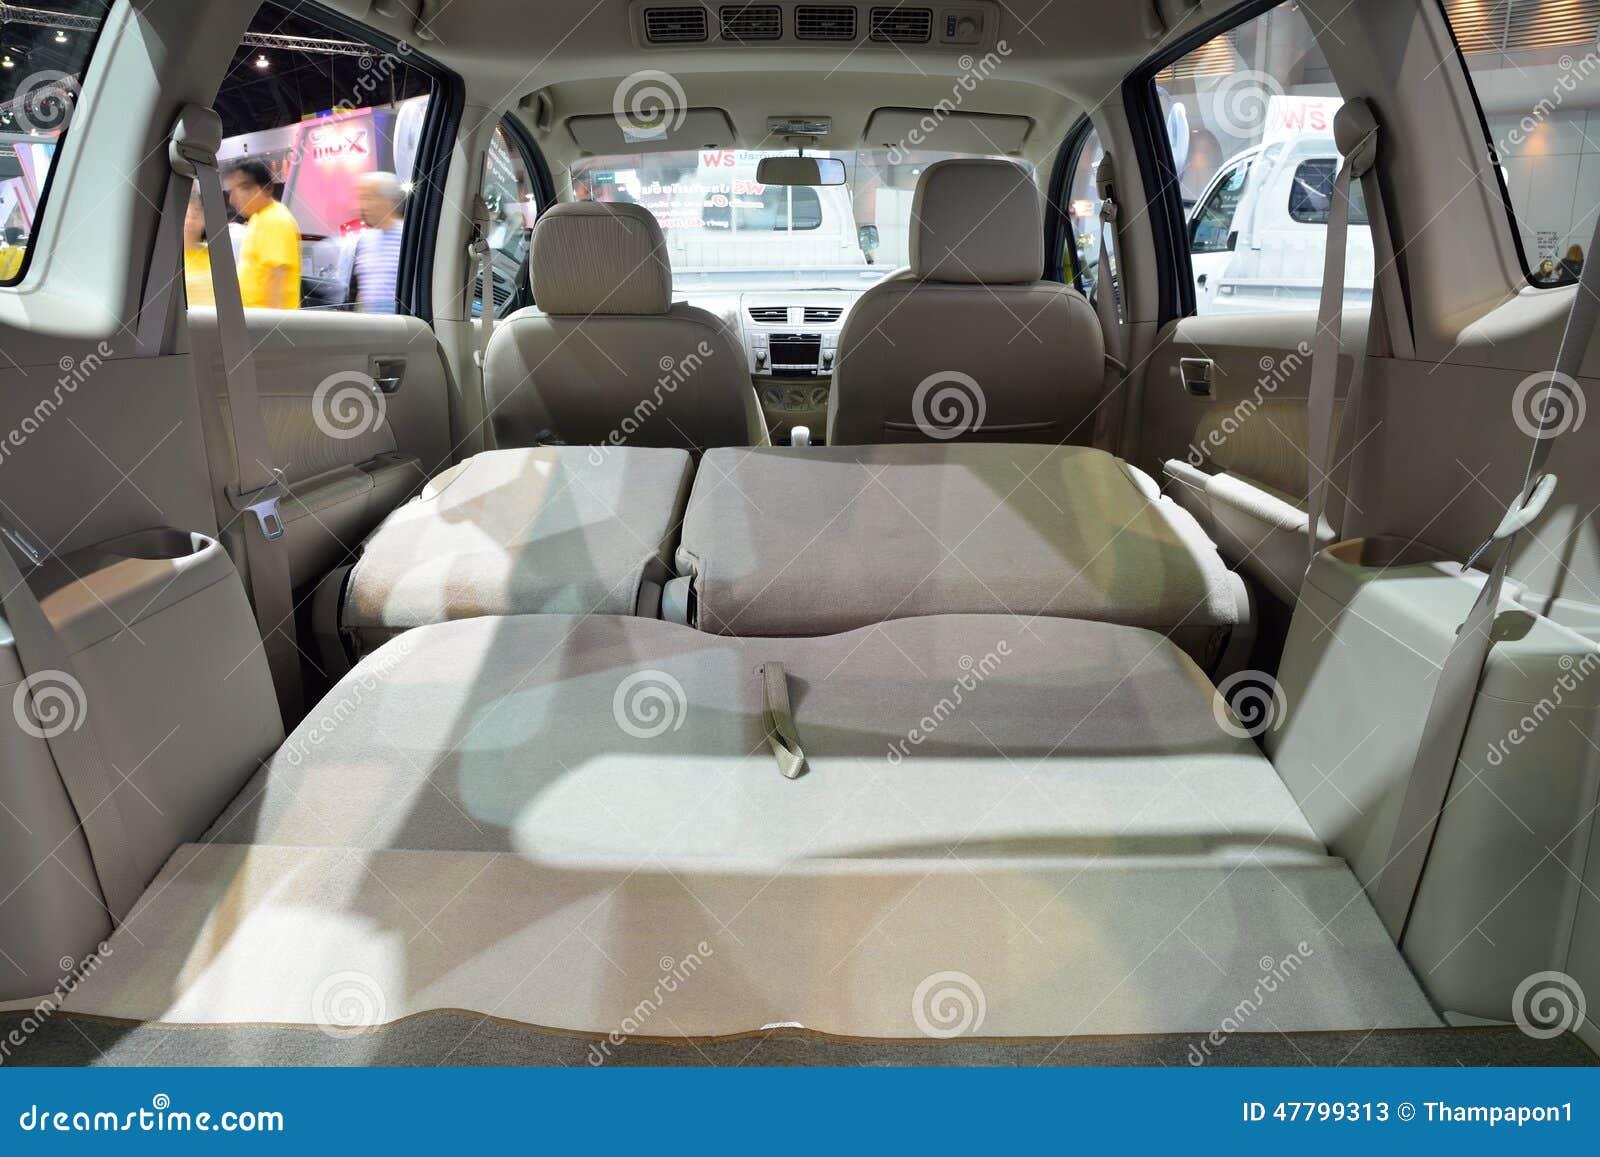 nonthaburi december 1 interior design of suzuki ertiga car di editorial stock photo image. Black Bedroom Furniture Sets. Home Design Ideas